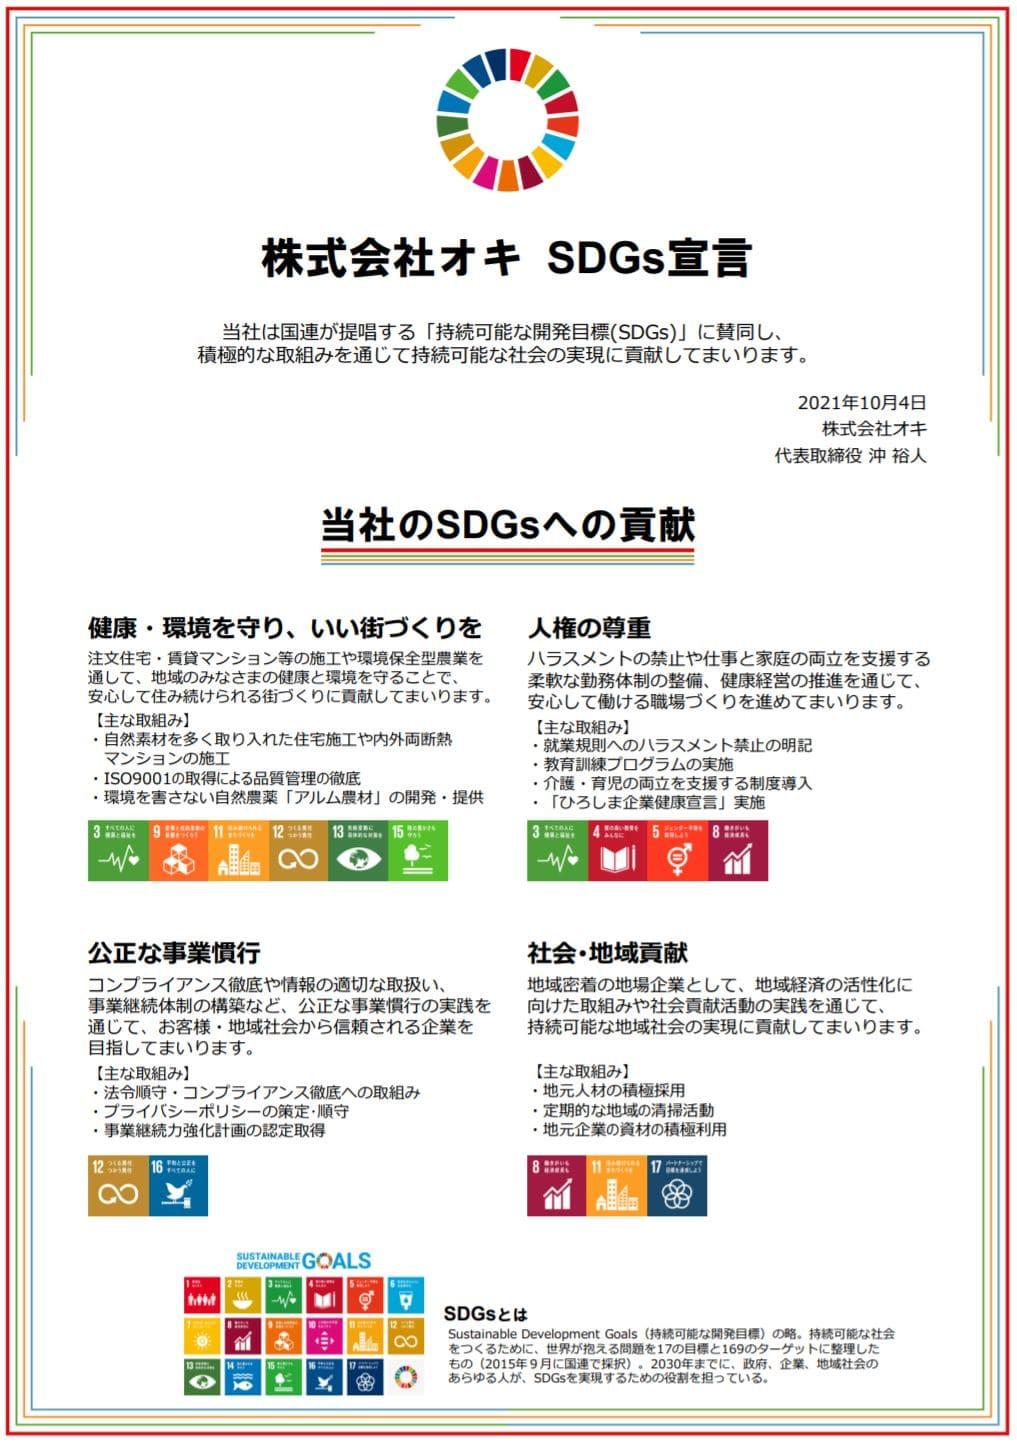 株式会社オキのSDGs宣言